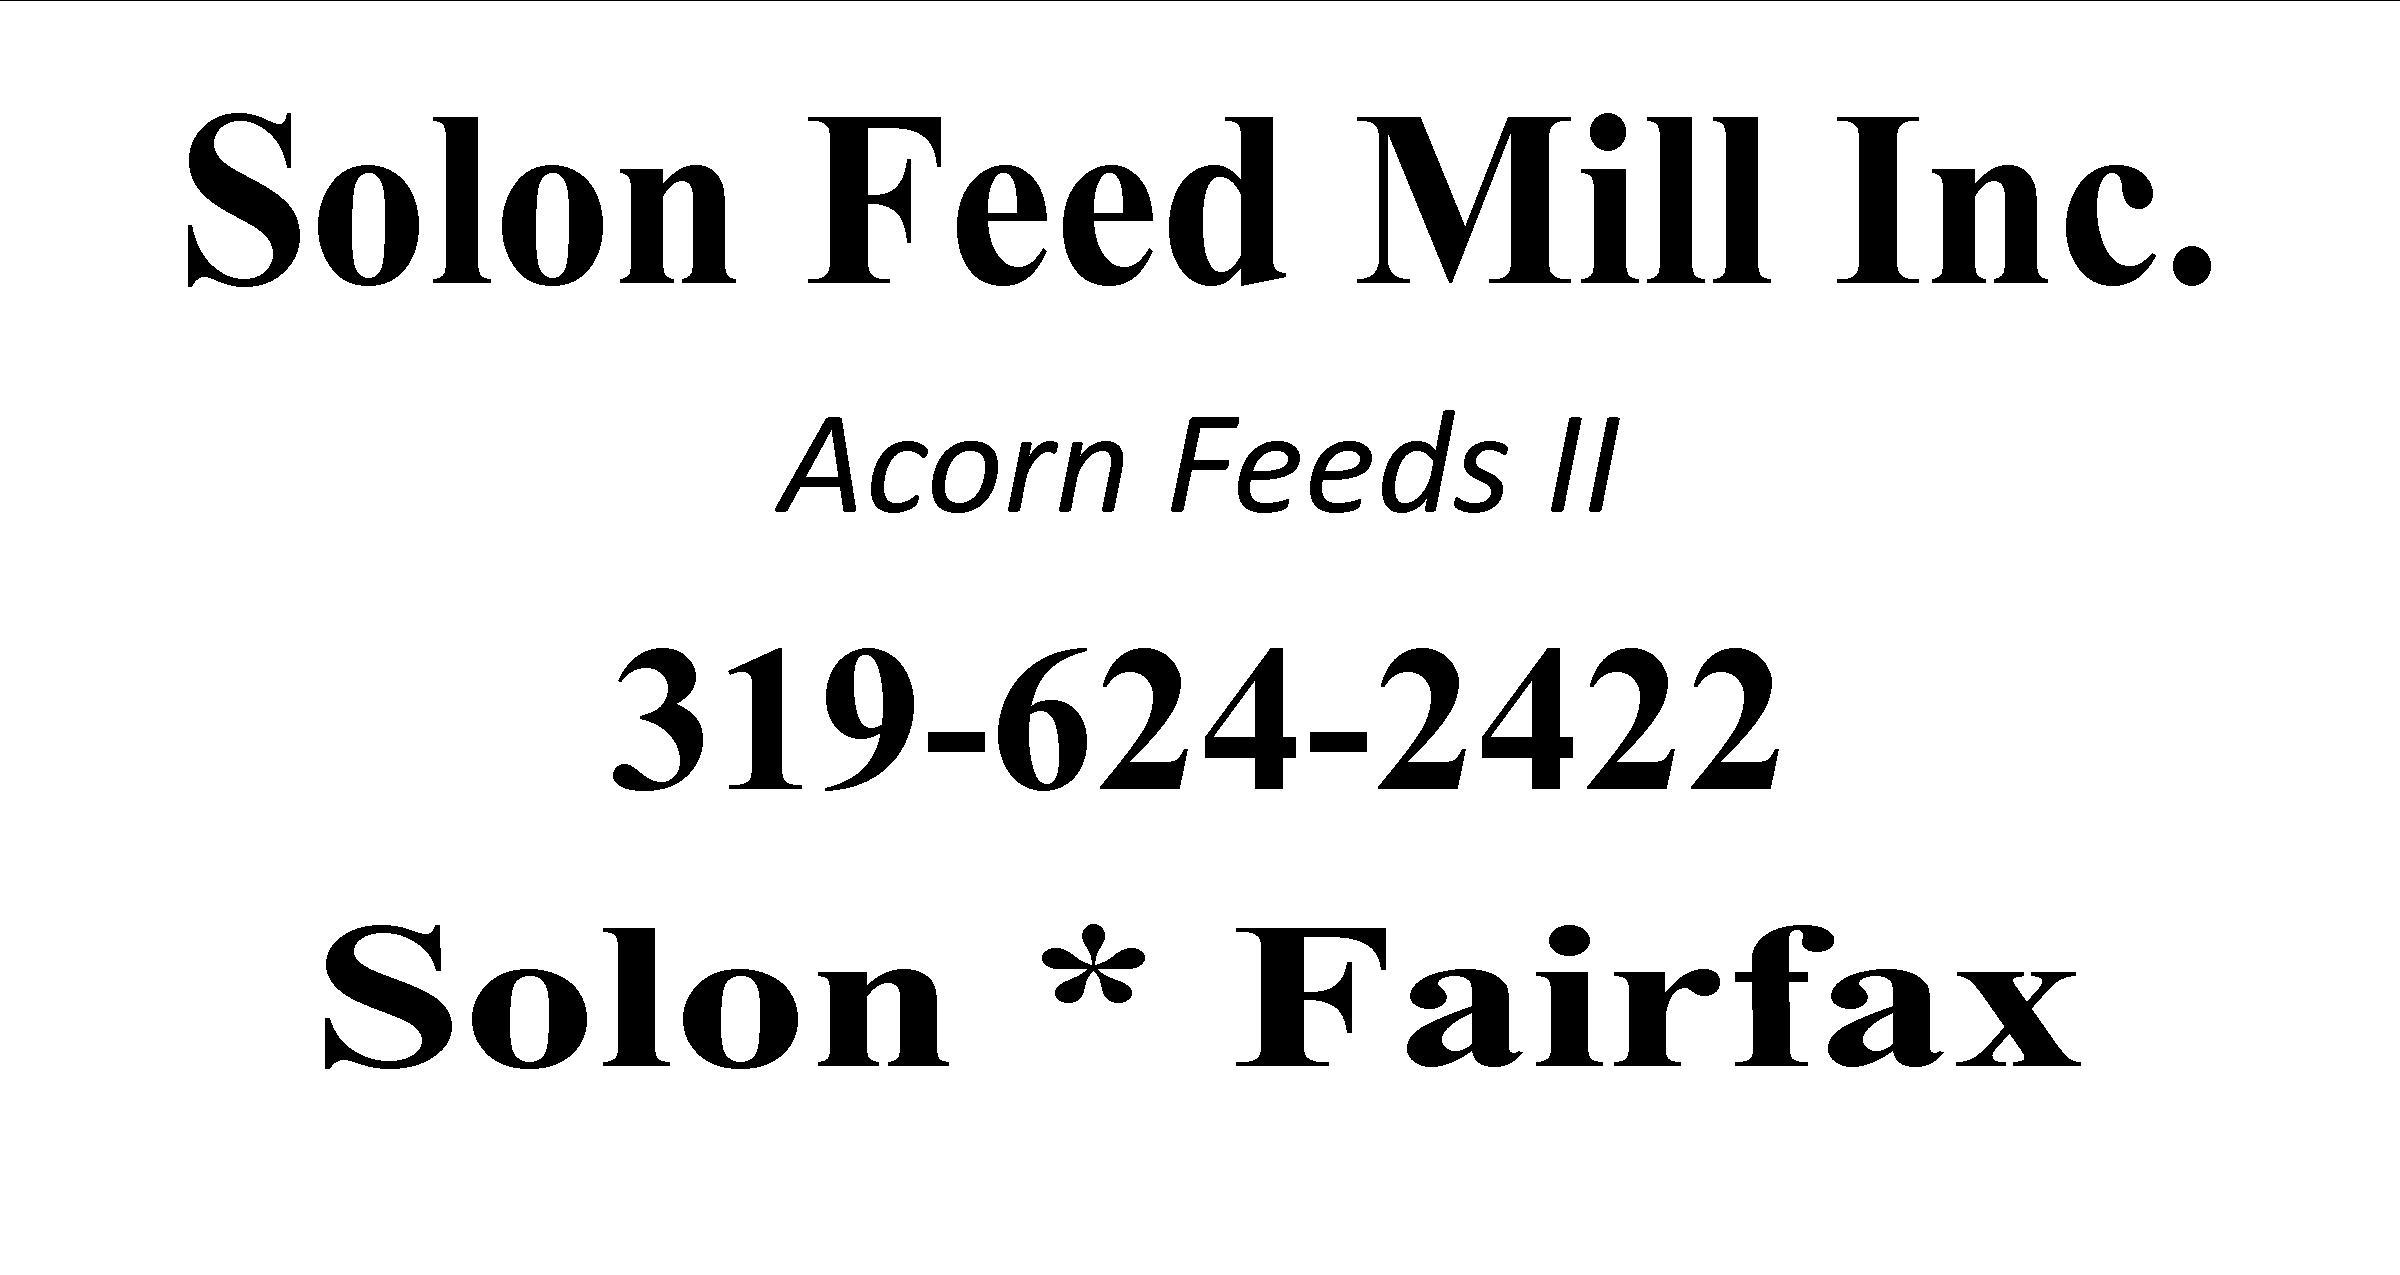 60 Solon Feed Mill TV.jpg